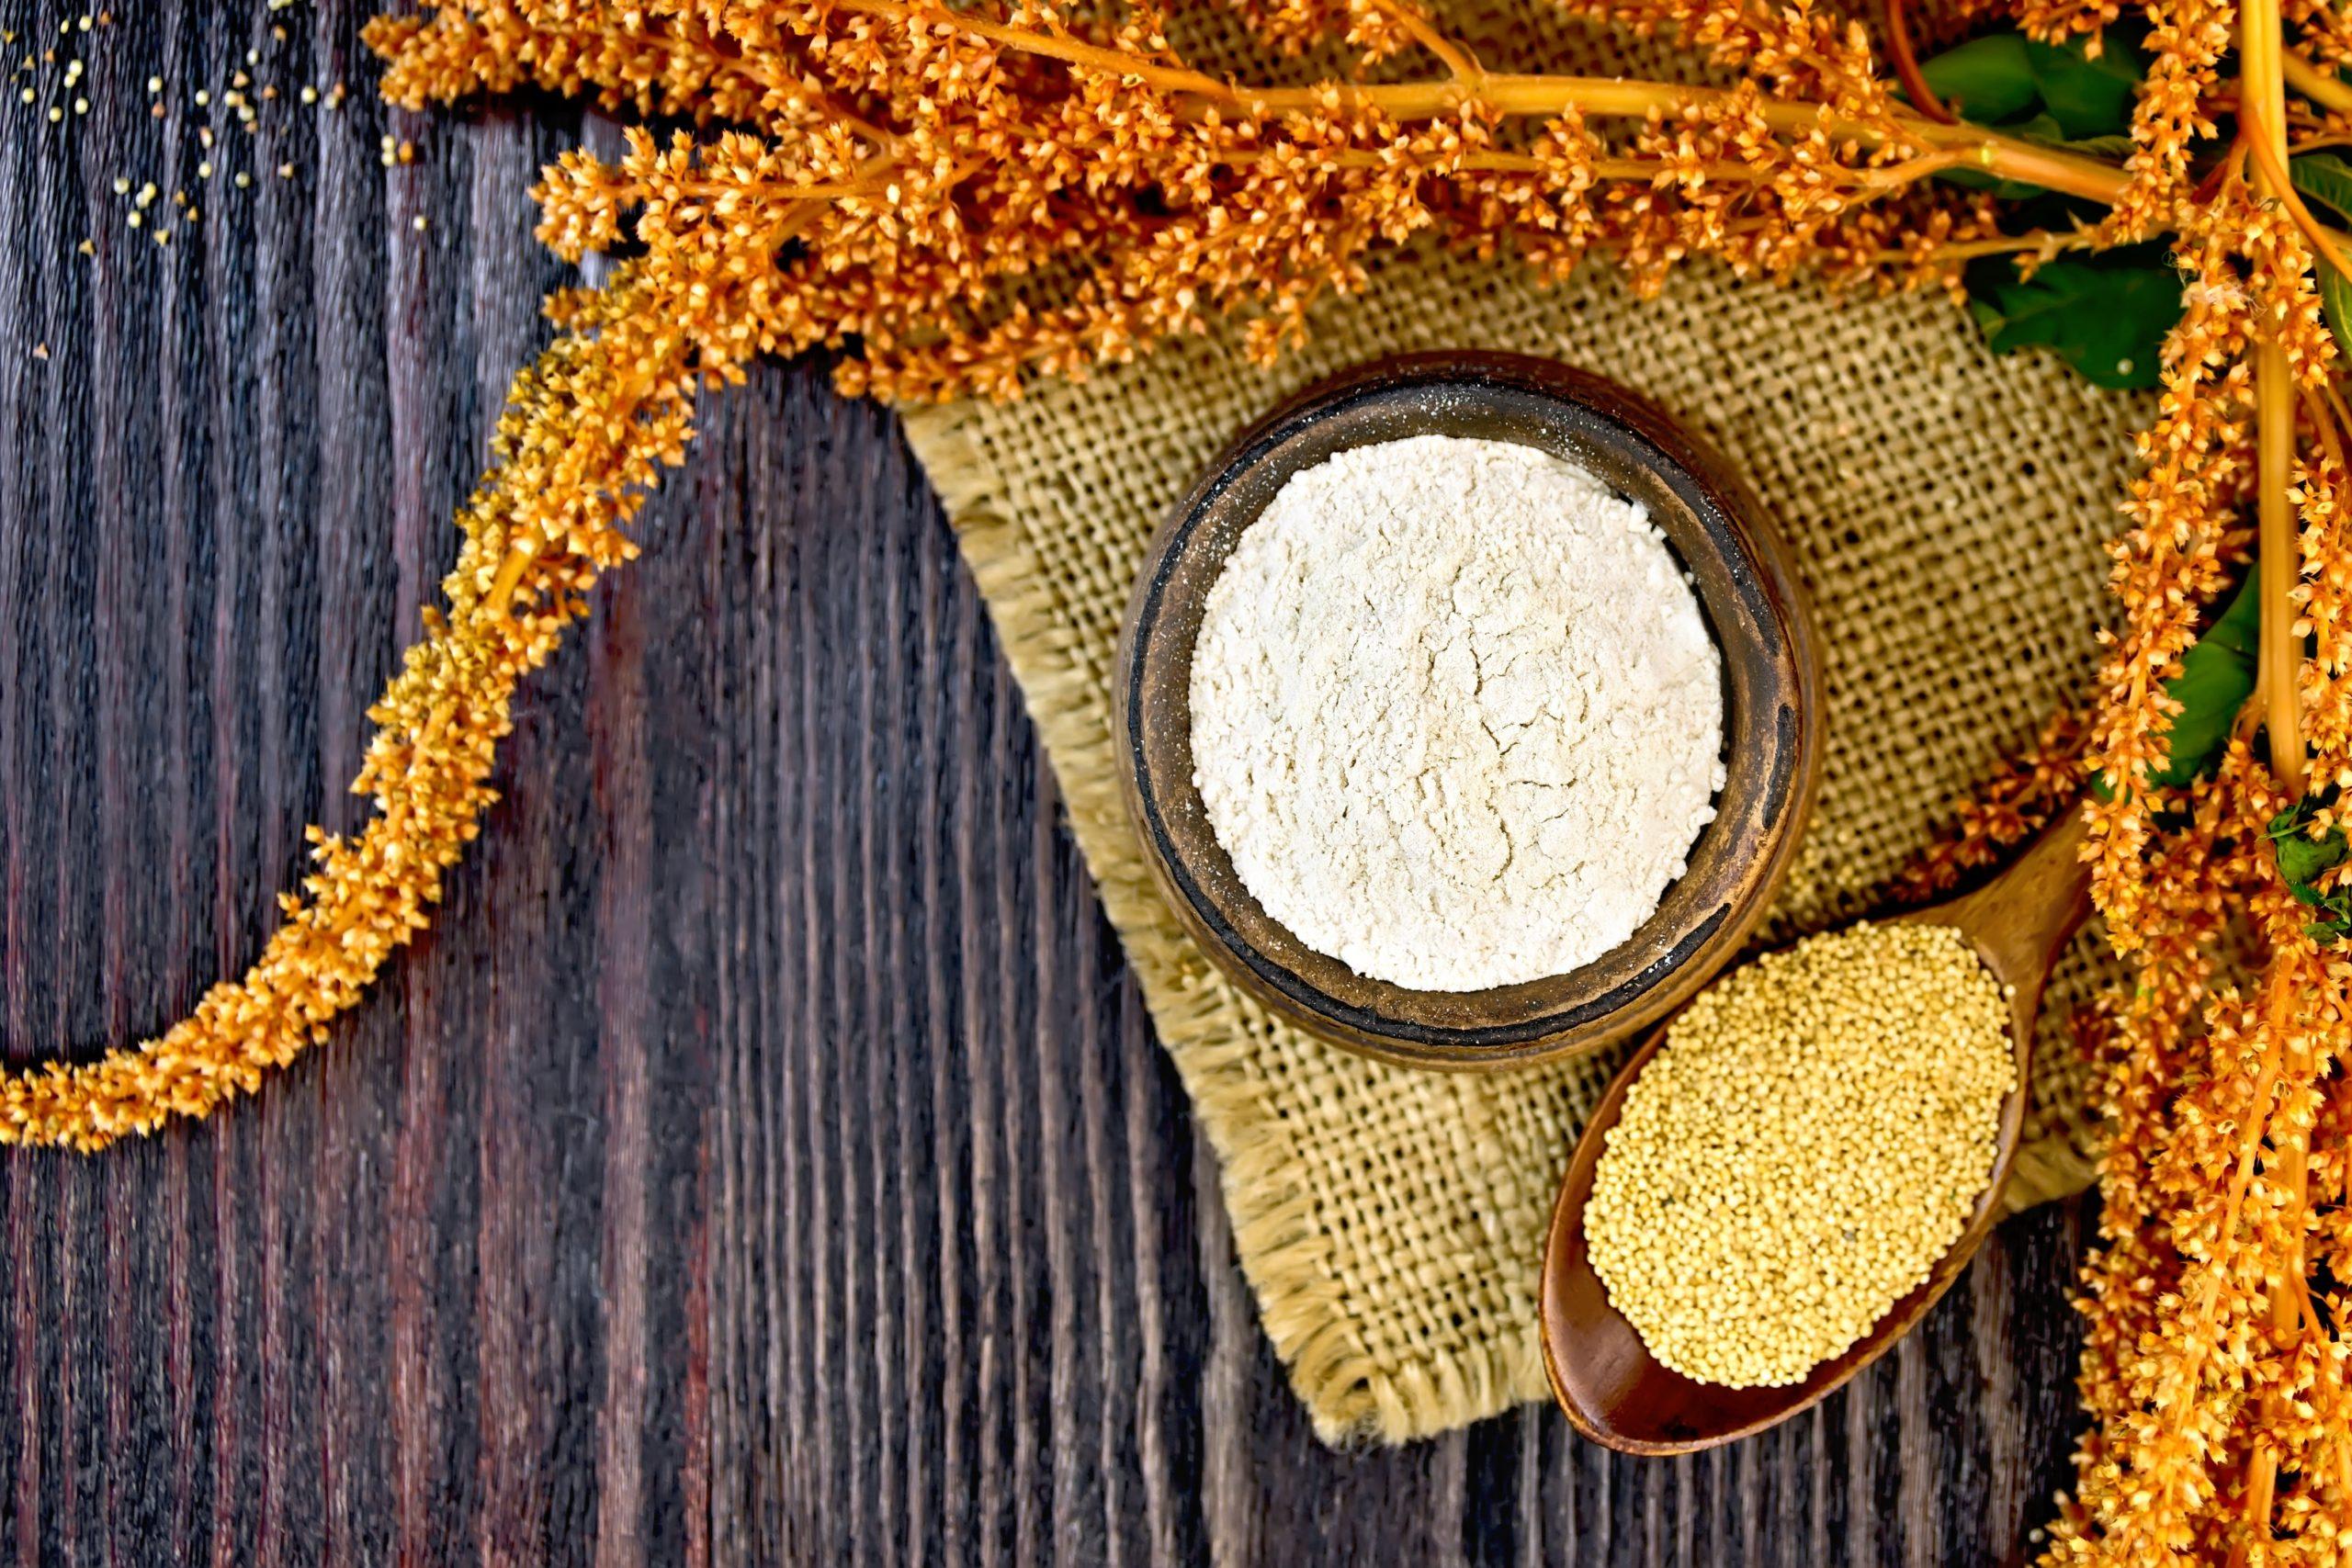 Descubre más acerca del amaranto: el superalimento de los aztecas